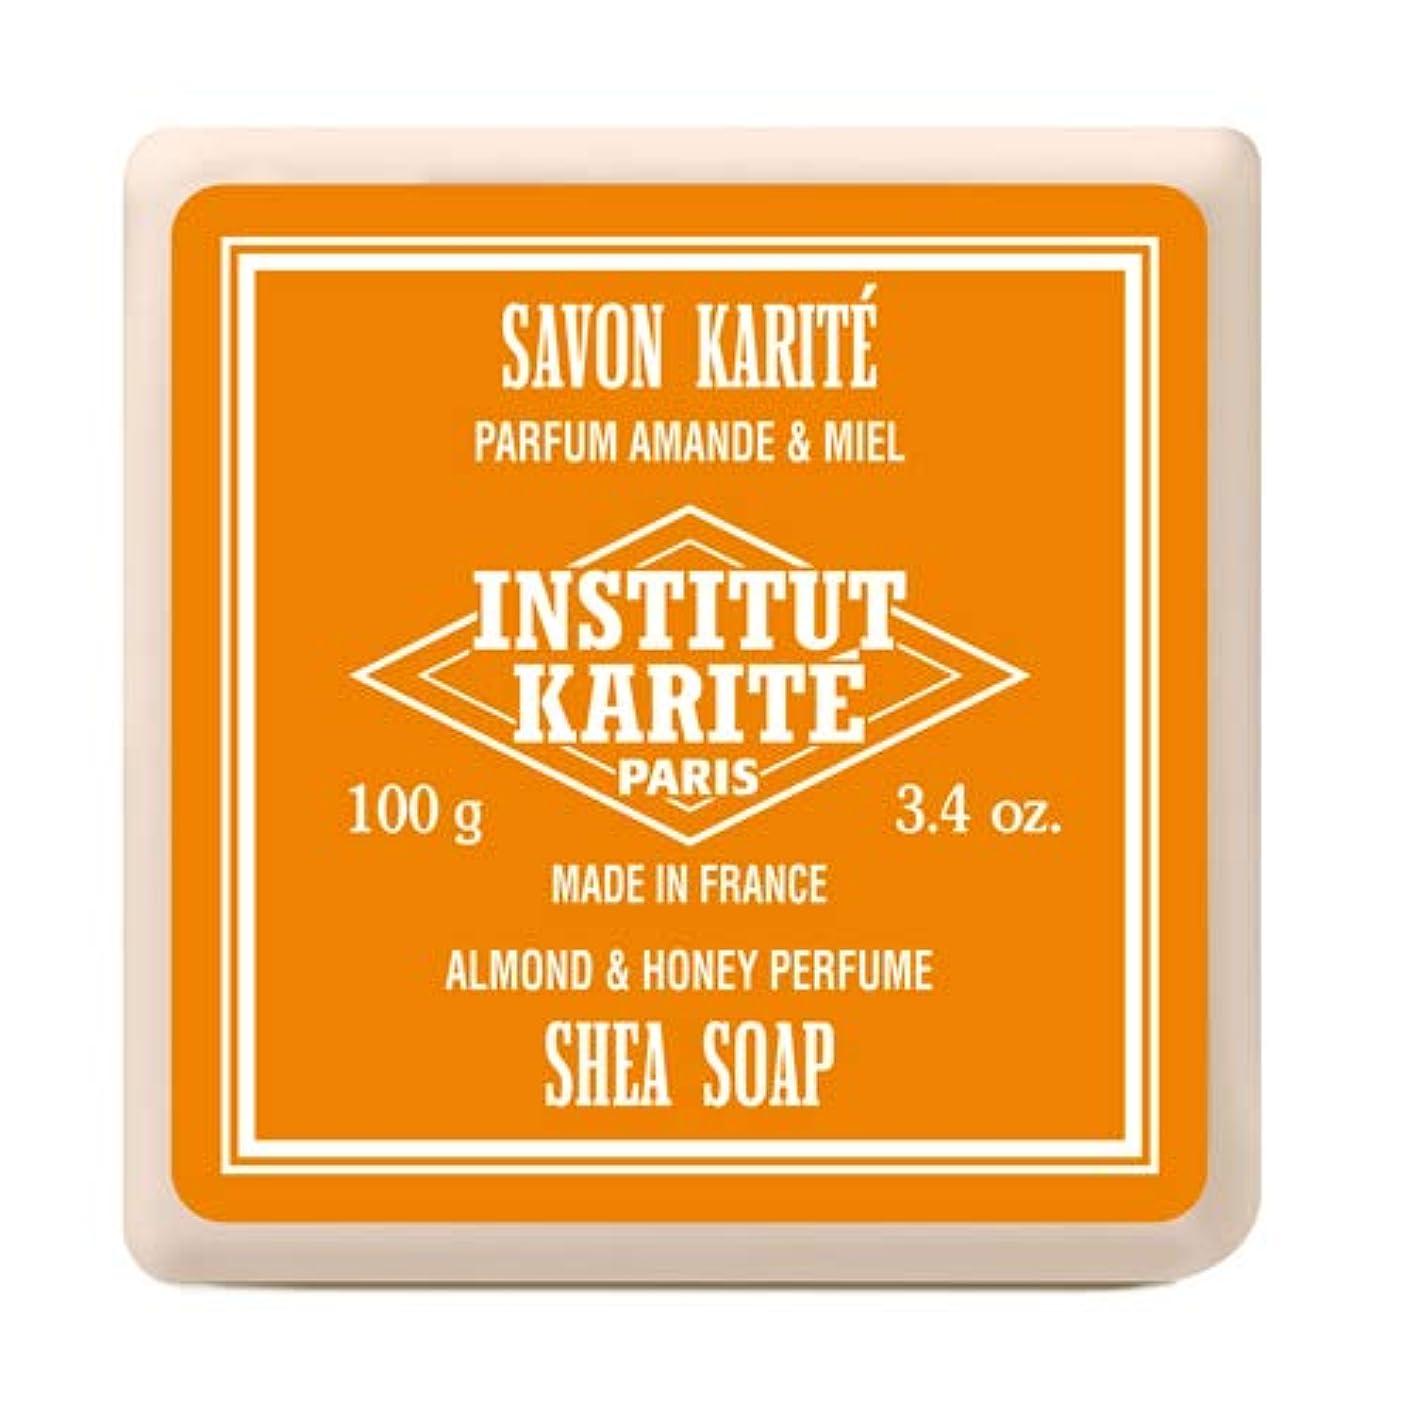 ピジン革命的祝福インスティテュート?カリテ(INSTITUT KARITE) INSTITUT KARITE インスティテュート カリテ Shea Wrapped Soap シアソープ 100g Almond & Honey アーモンド&ハニー